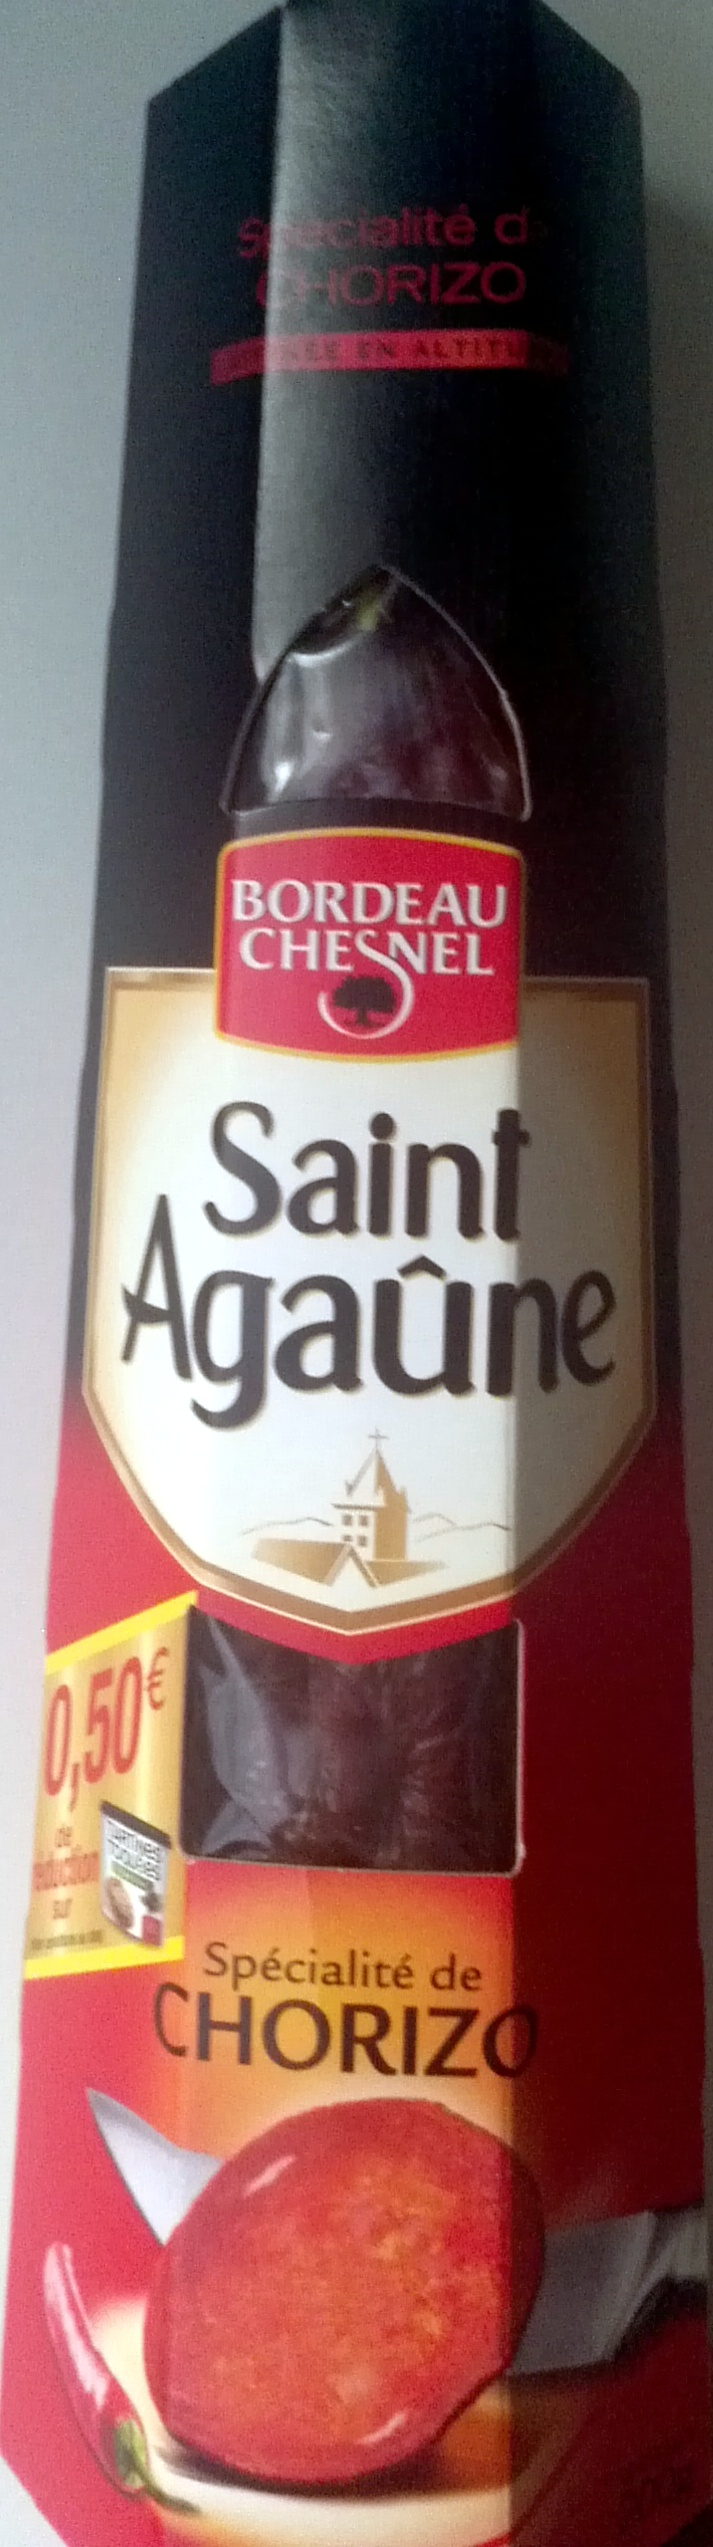 Saint Agaûne chorizo - Product - fr